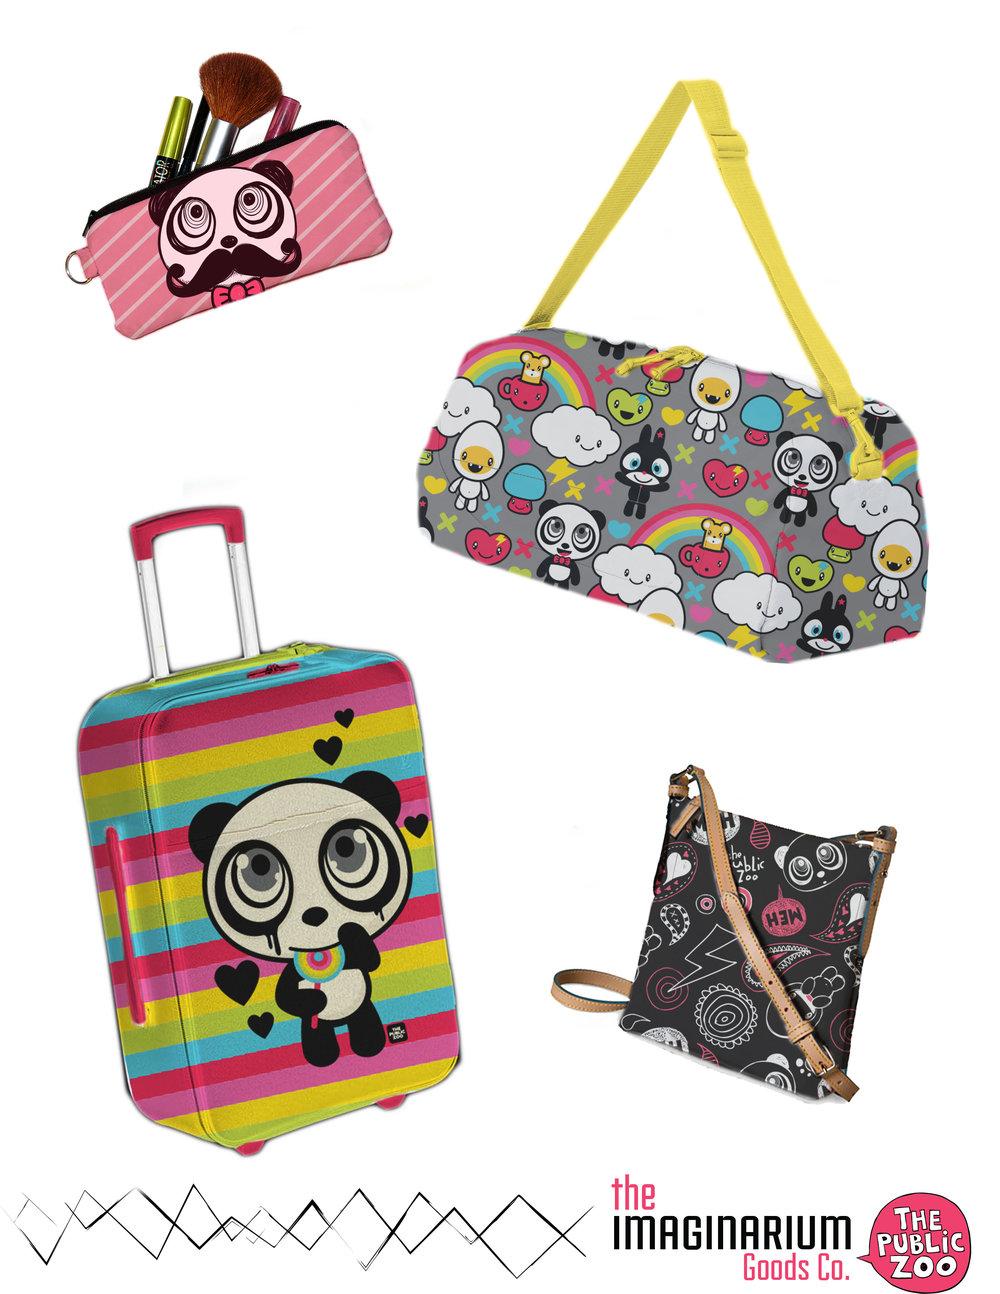 Public-Zoo-Bags-2.jpg